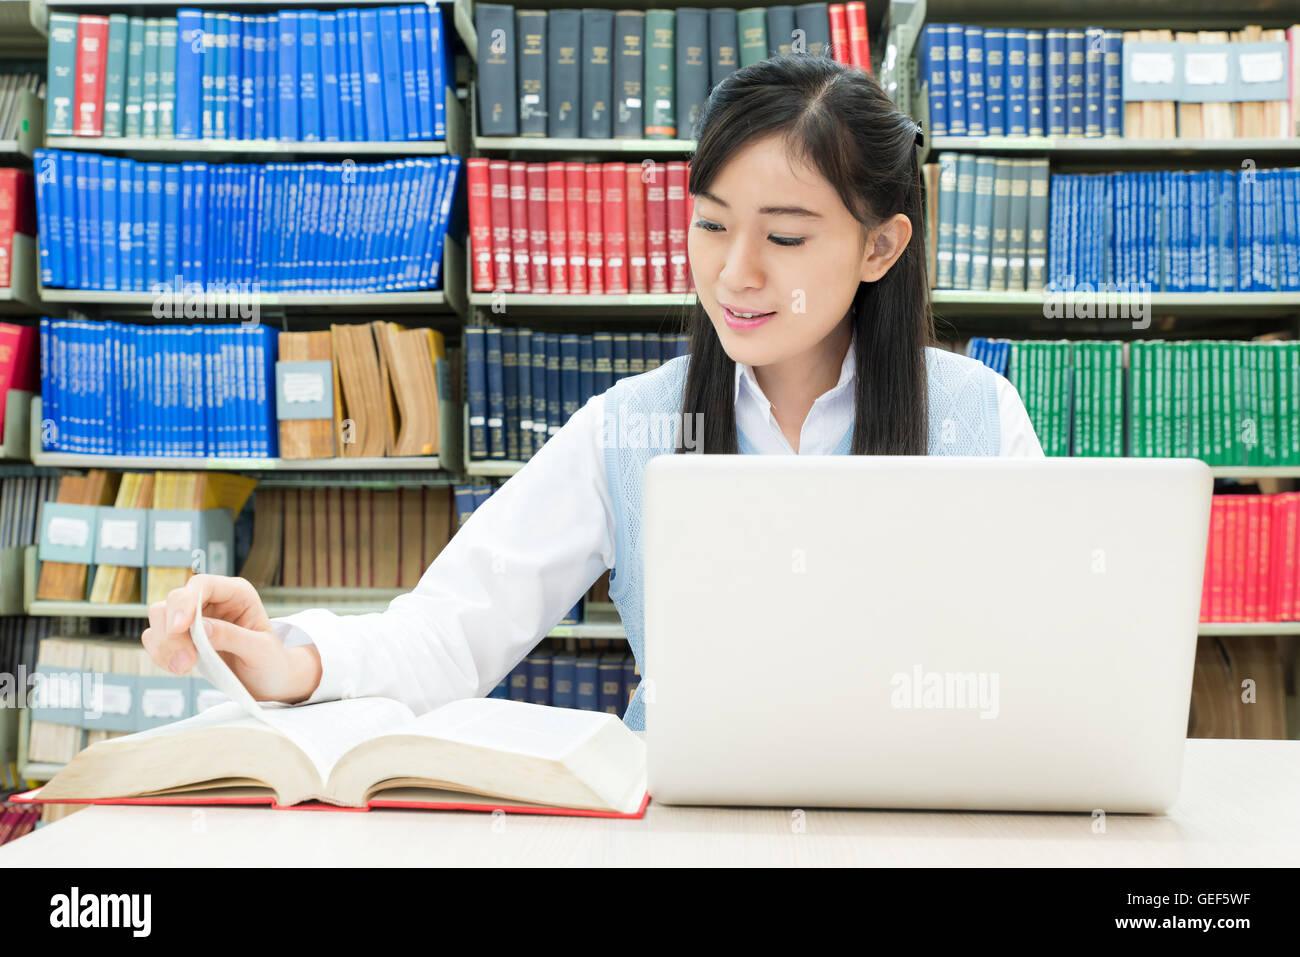 c8 alamy com/compes/gef5wf/educacion-estudiantes-p